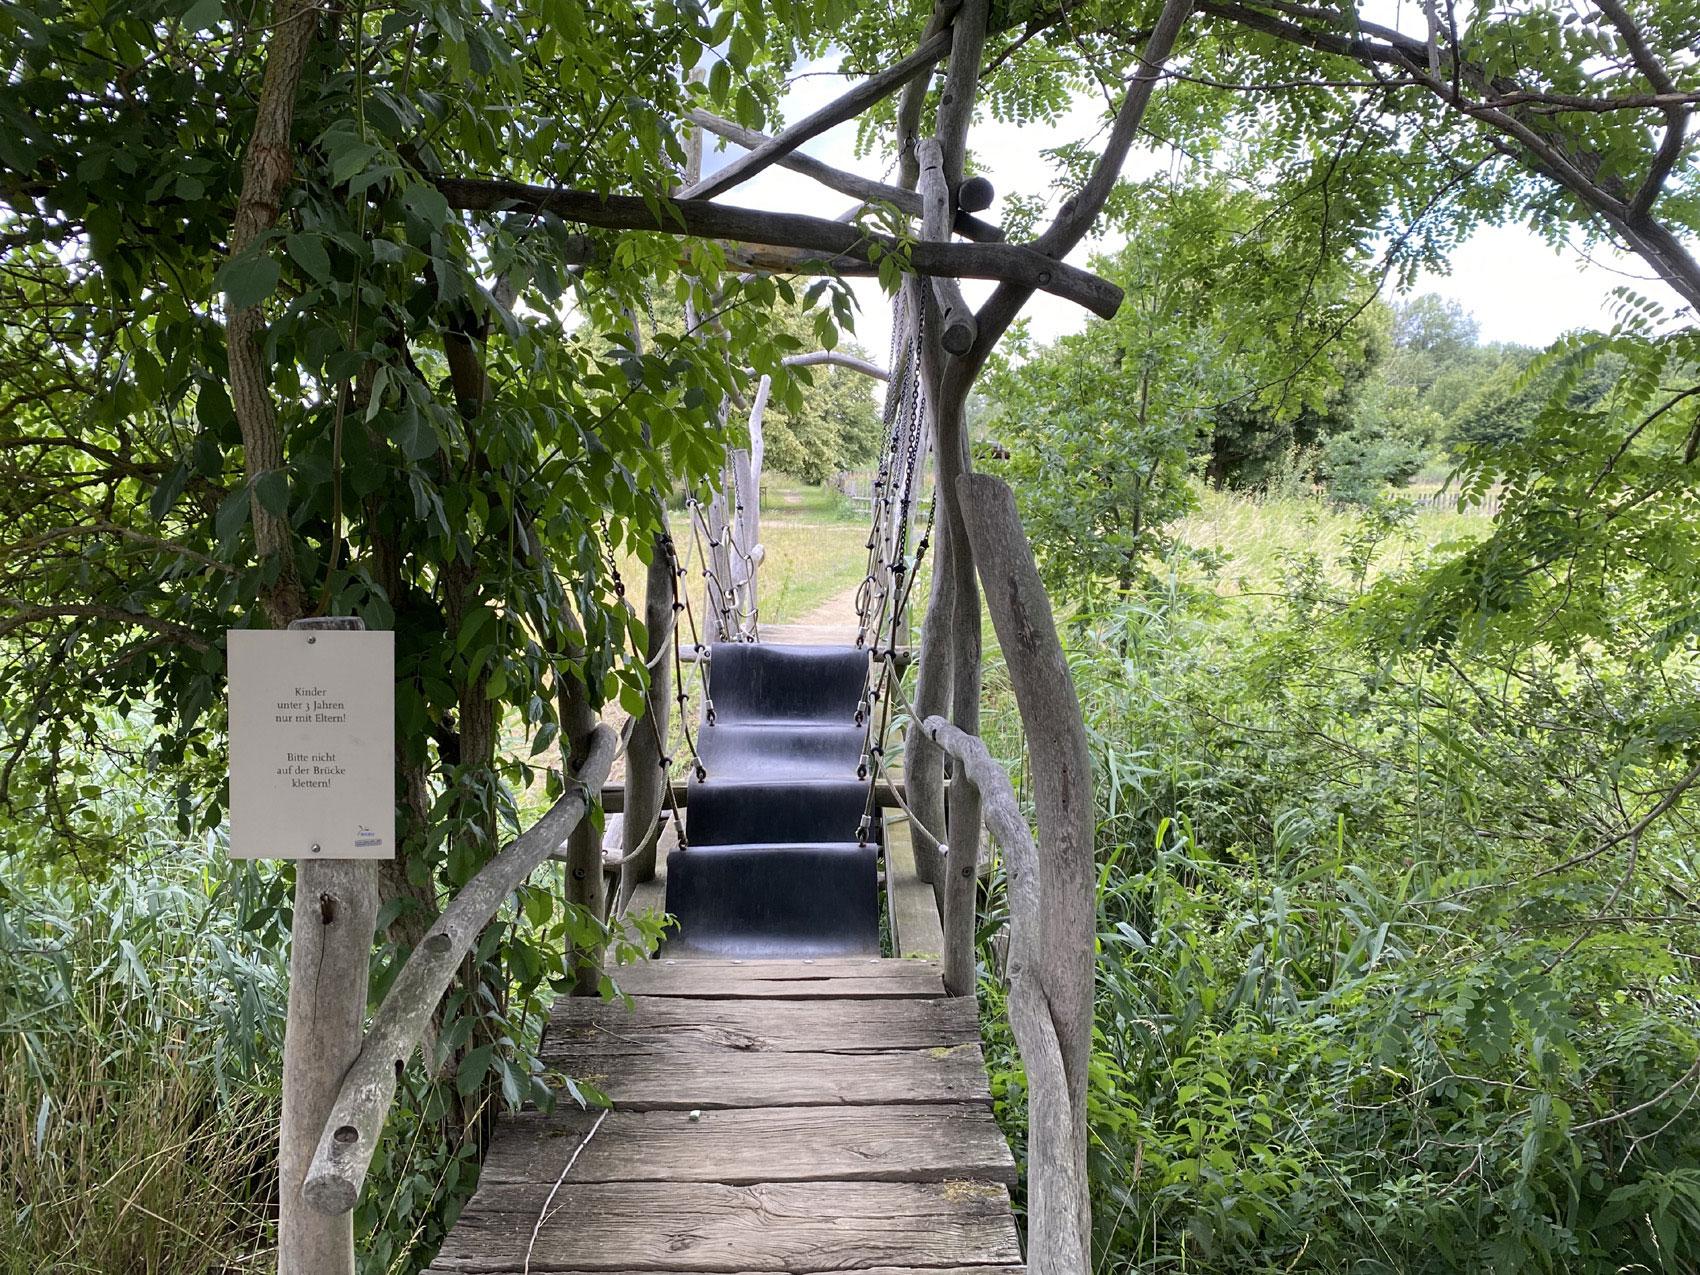 Wackelbrücke Aussenanlage Blumberger Mühle